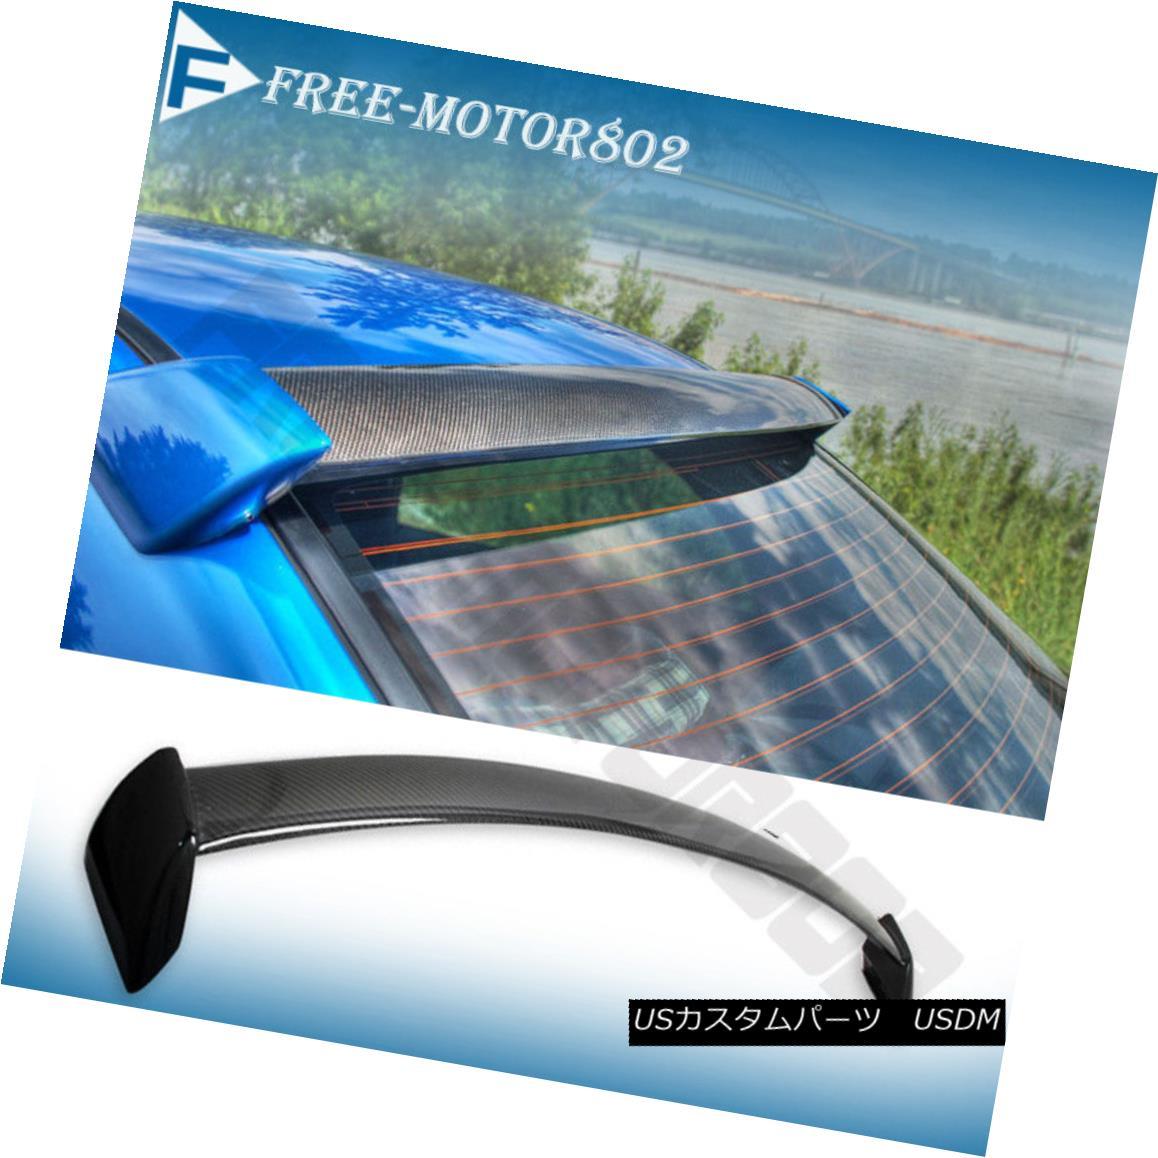 エアロパーツ For 02-07 Subaru Impreza WRX STI Rear Roof Spoiler Wings Carbon Fiber FRP Sides 02-07スバルインプレッサWRX STIリアルーフスポイラーウイングカーボンファイバーFRPサイド